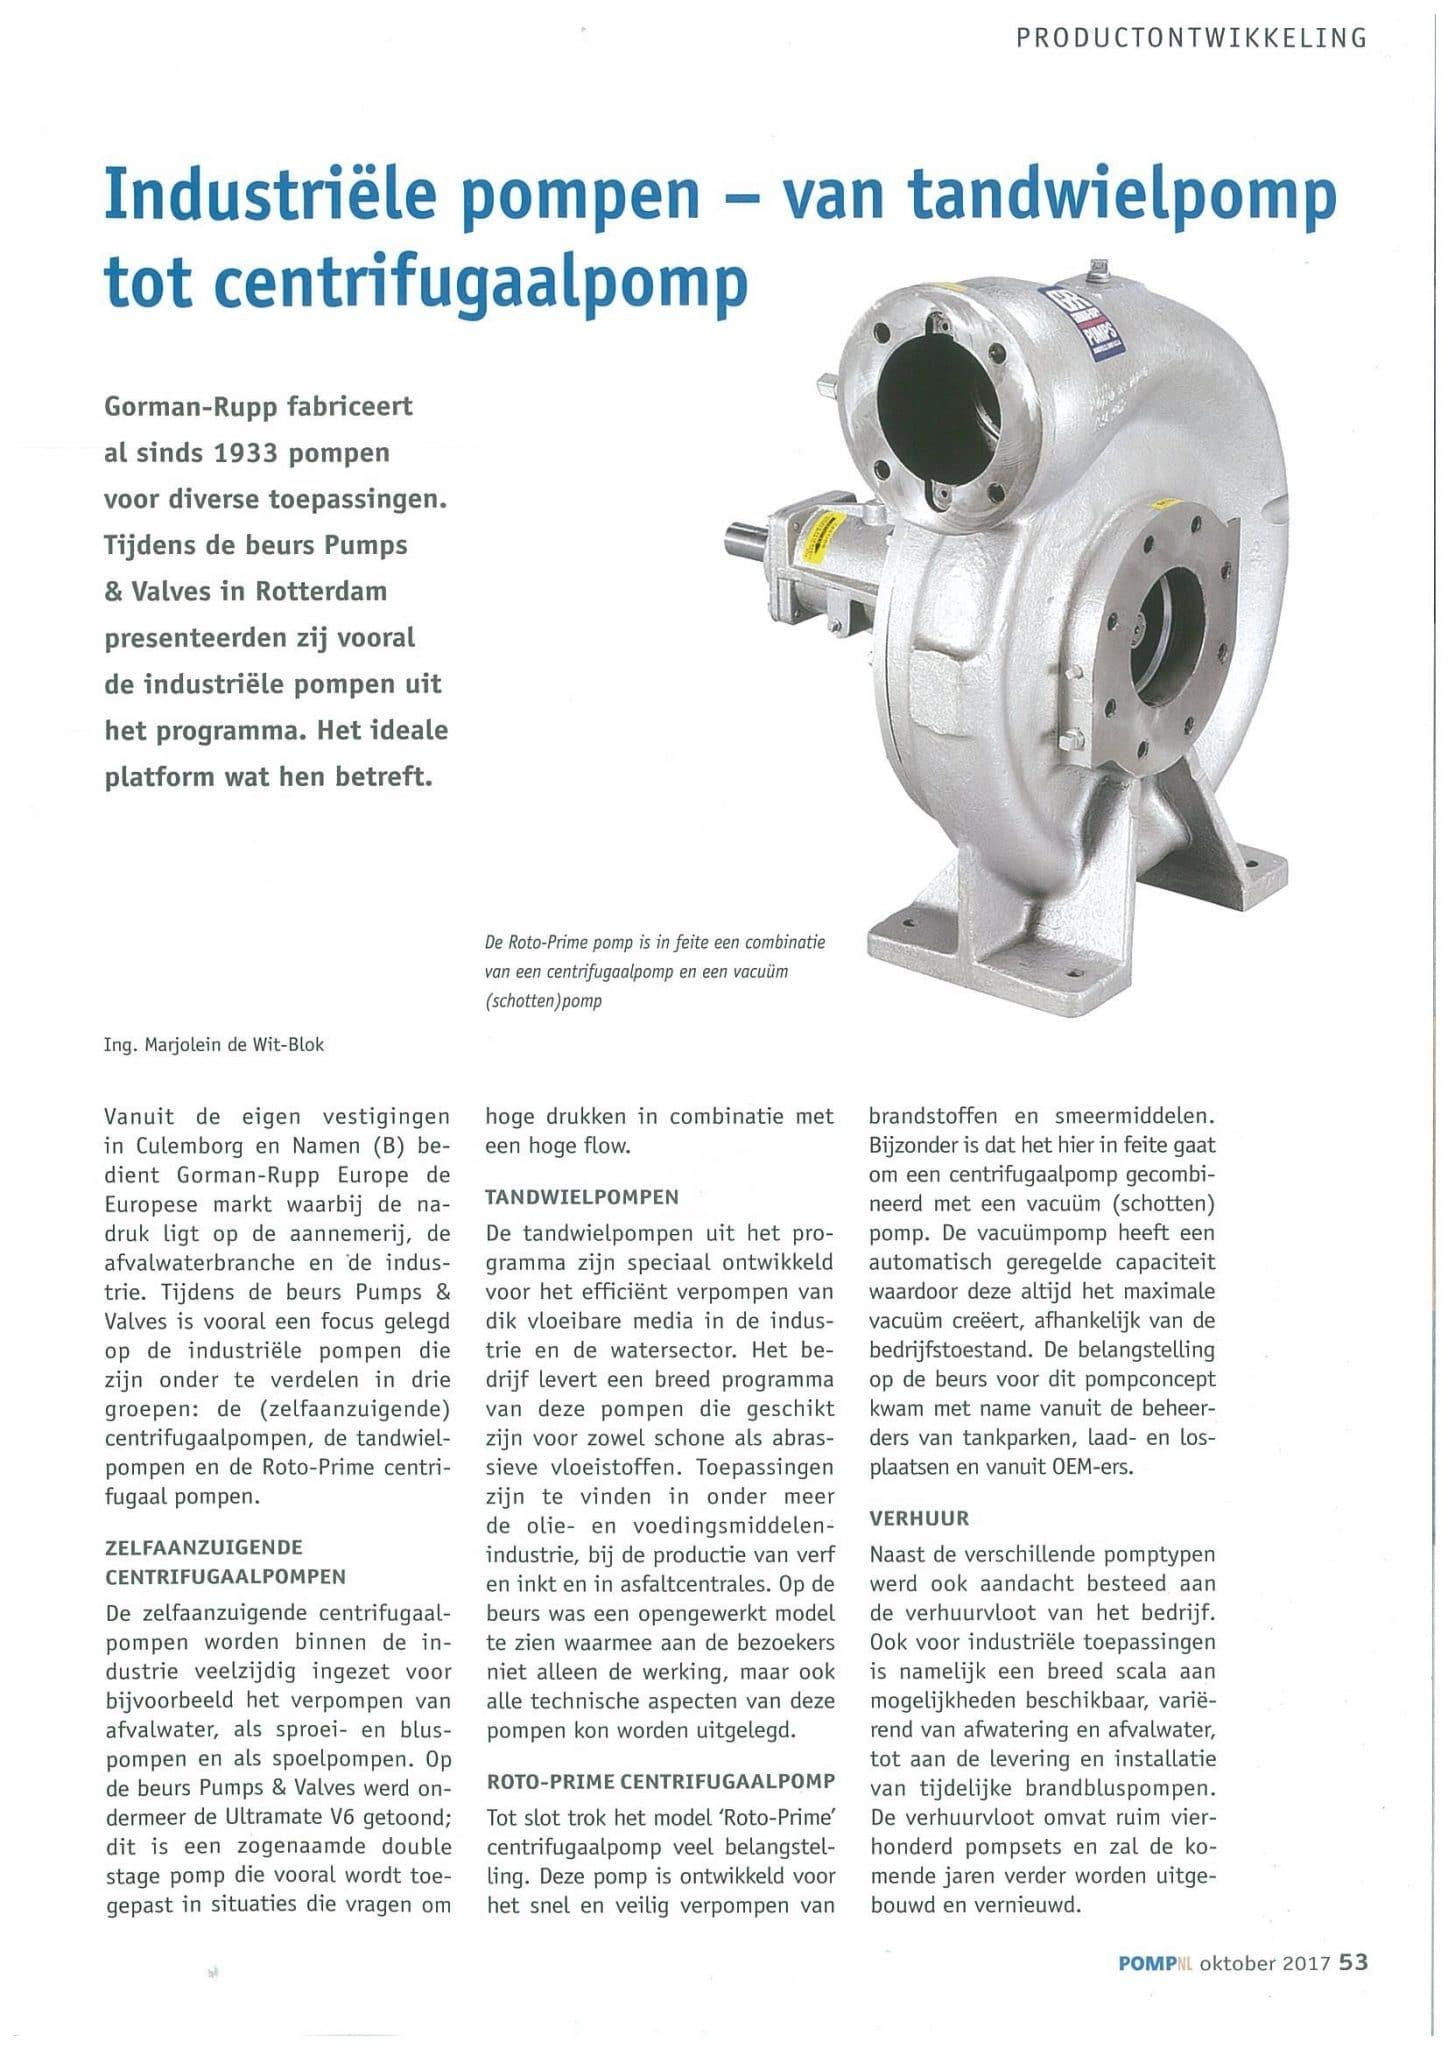 04-Artikel POMPNL uitgave 5 - 2017